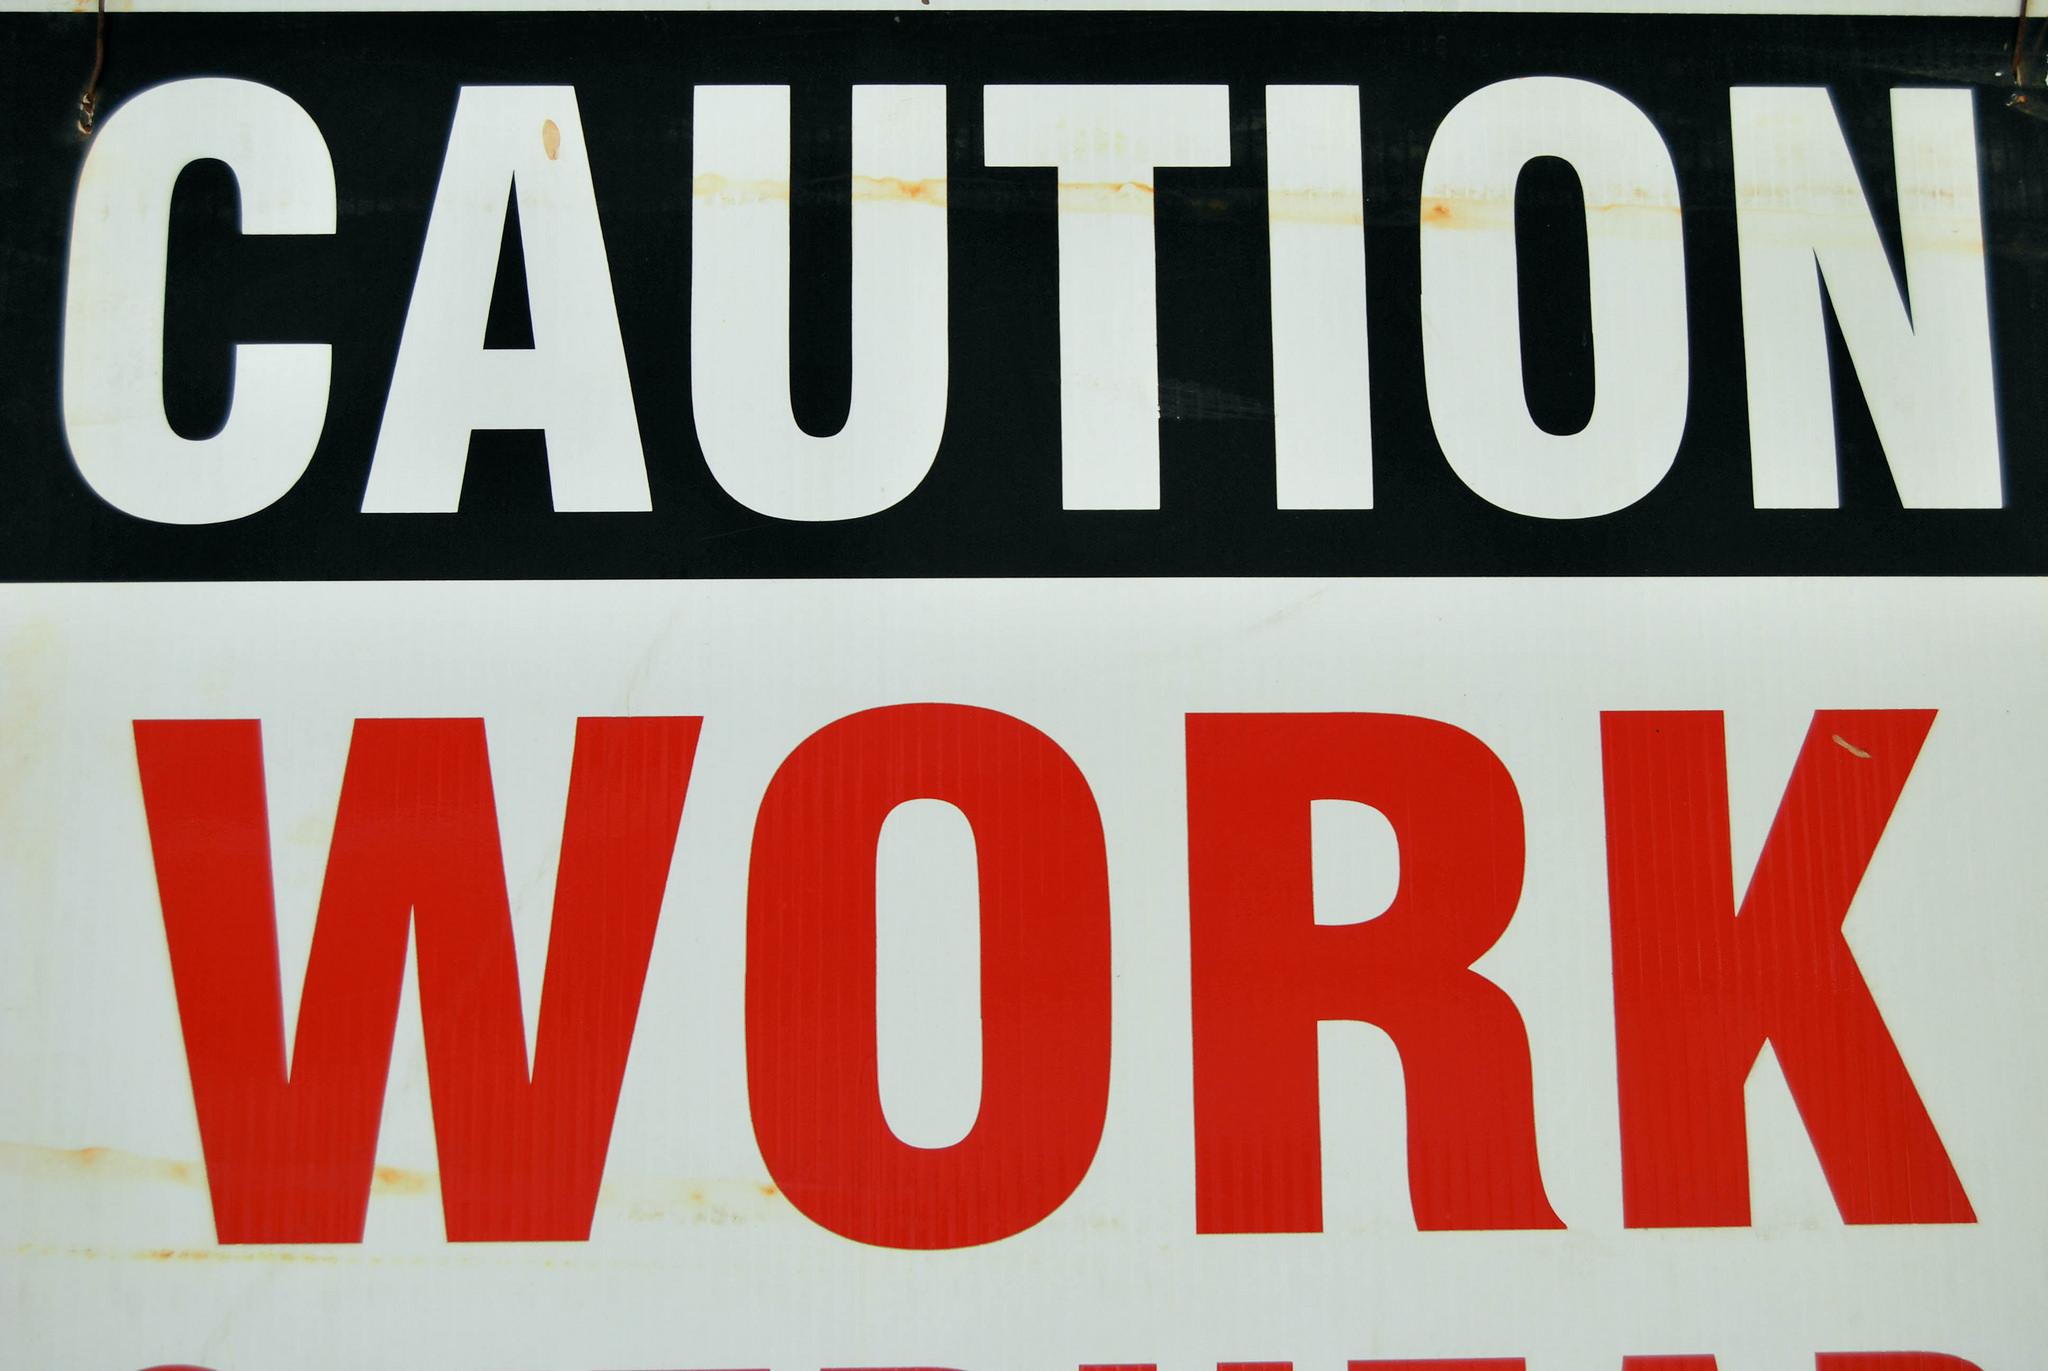 Caution: Work